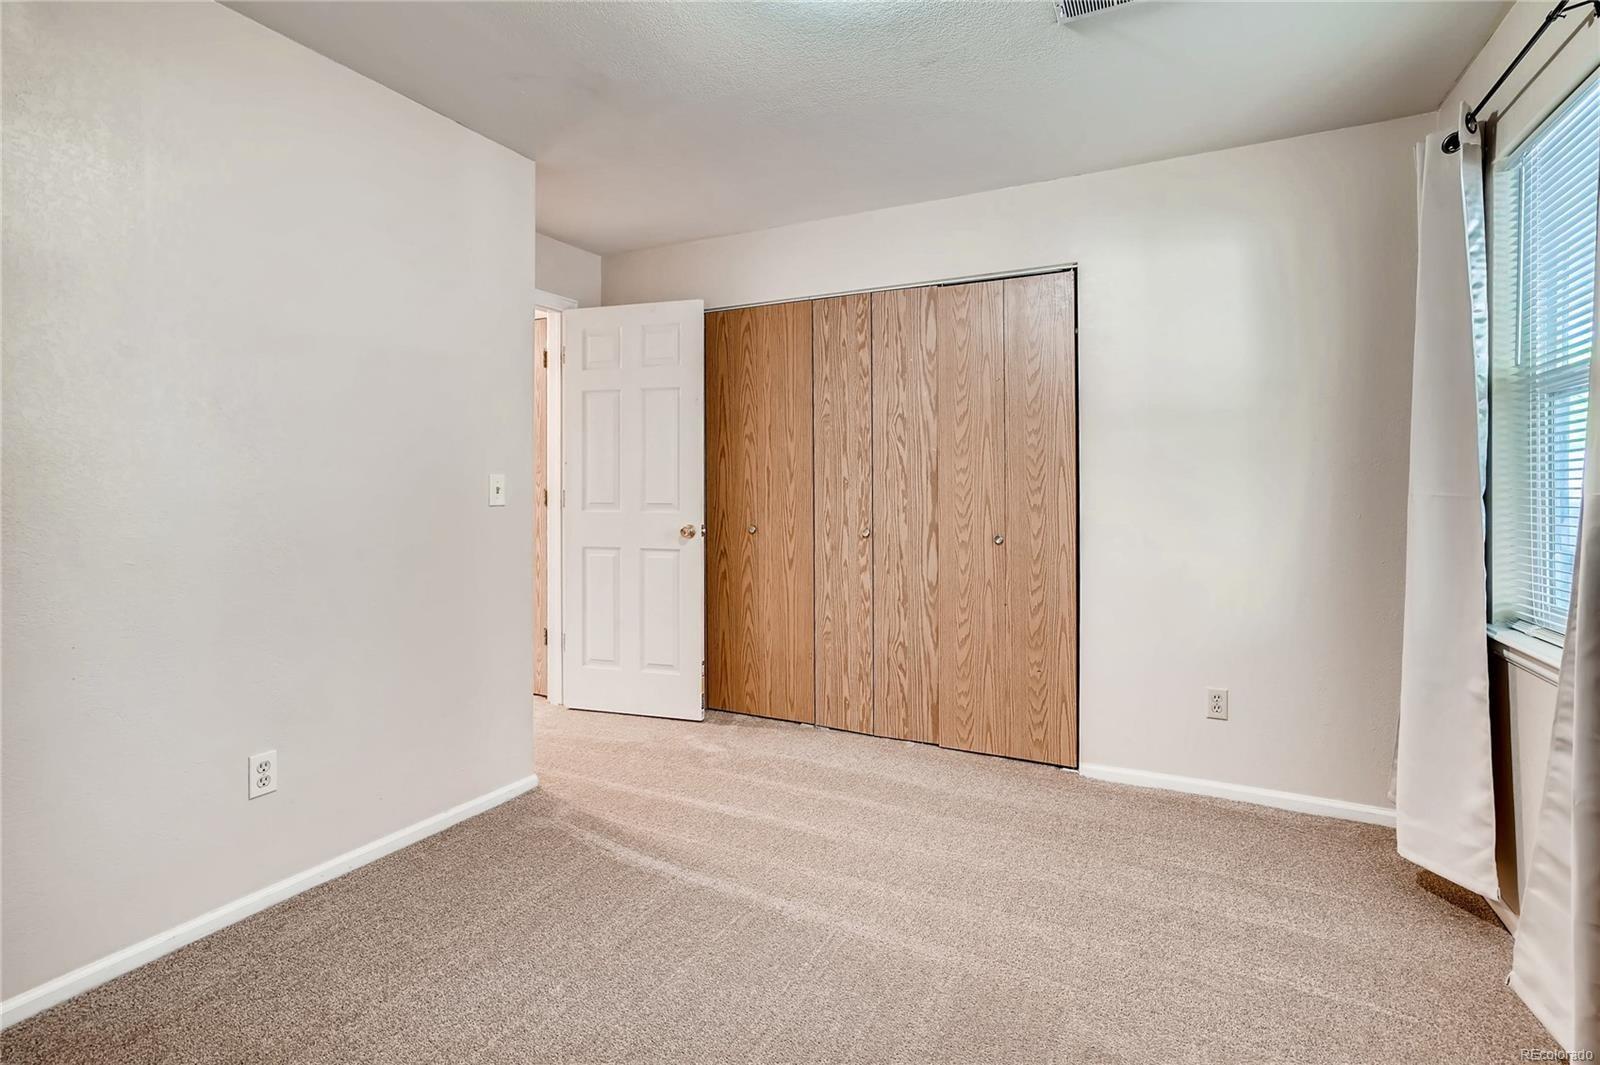 MLS# 8624815 - 1 - 1179  S Gilbert Street, Castle Rock, CO 80104